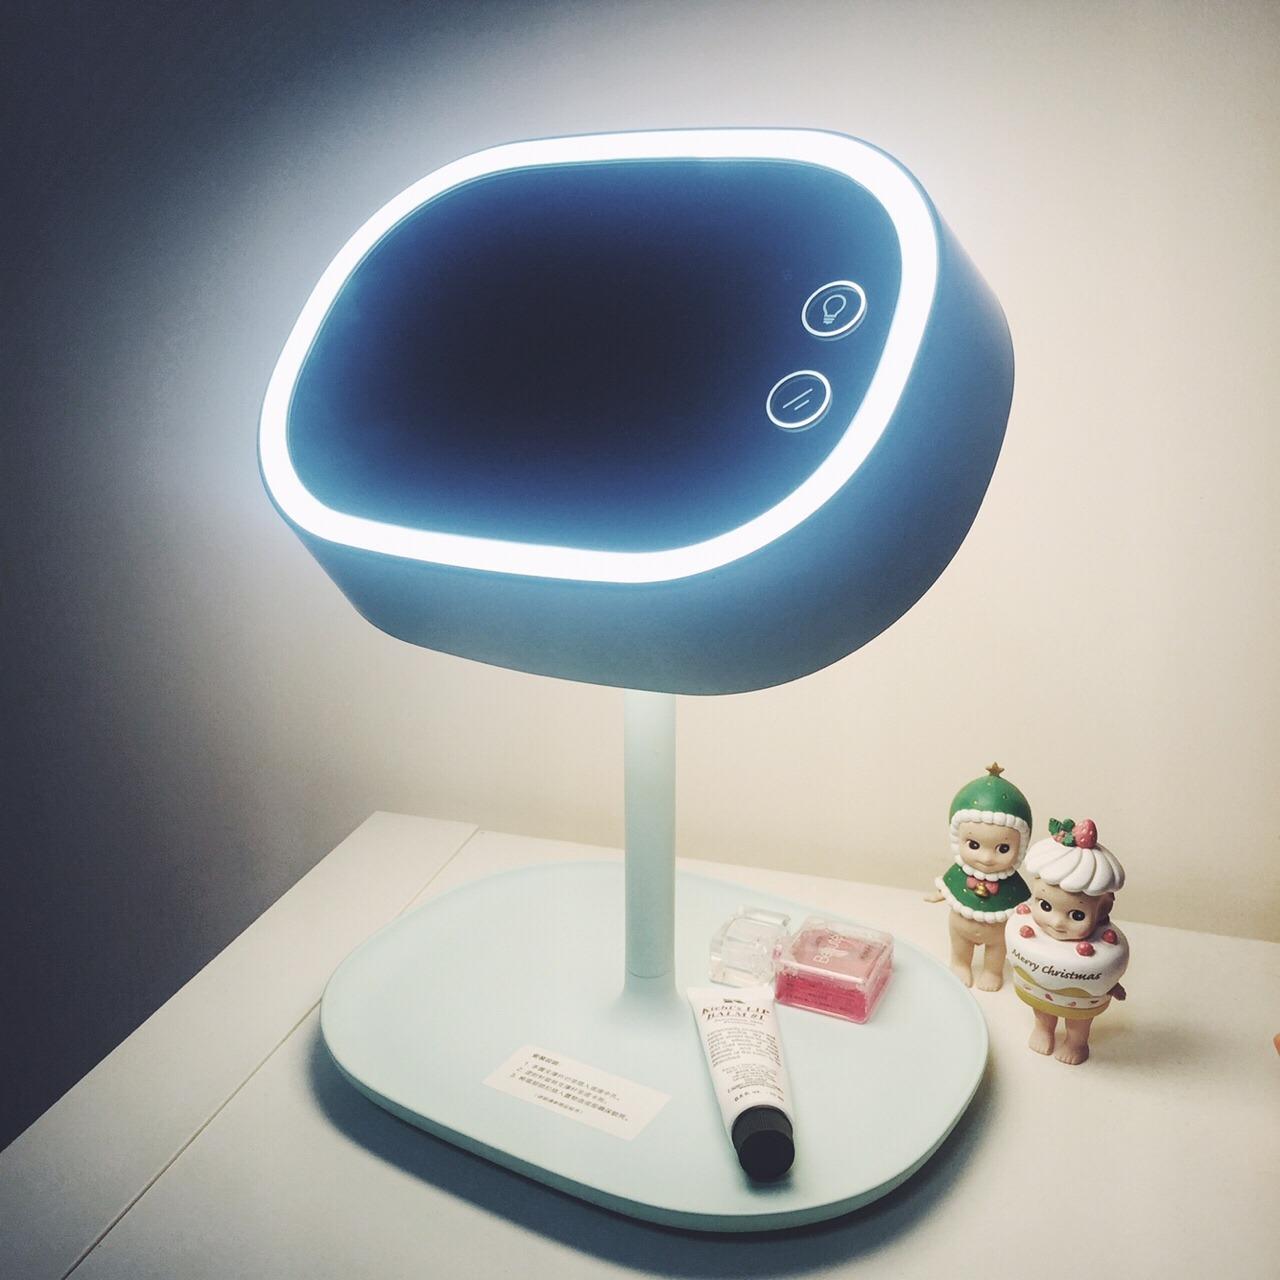 智能设备,数码,化妆镜,设计,台灯